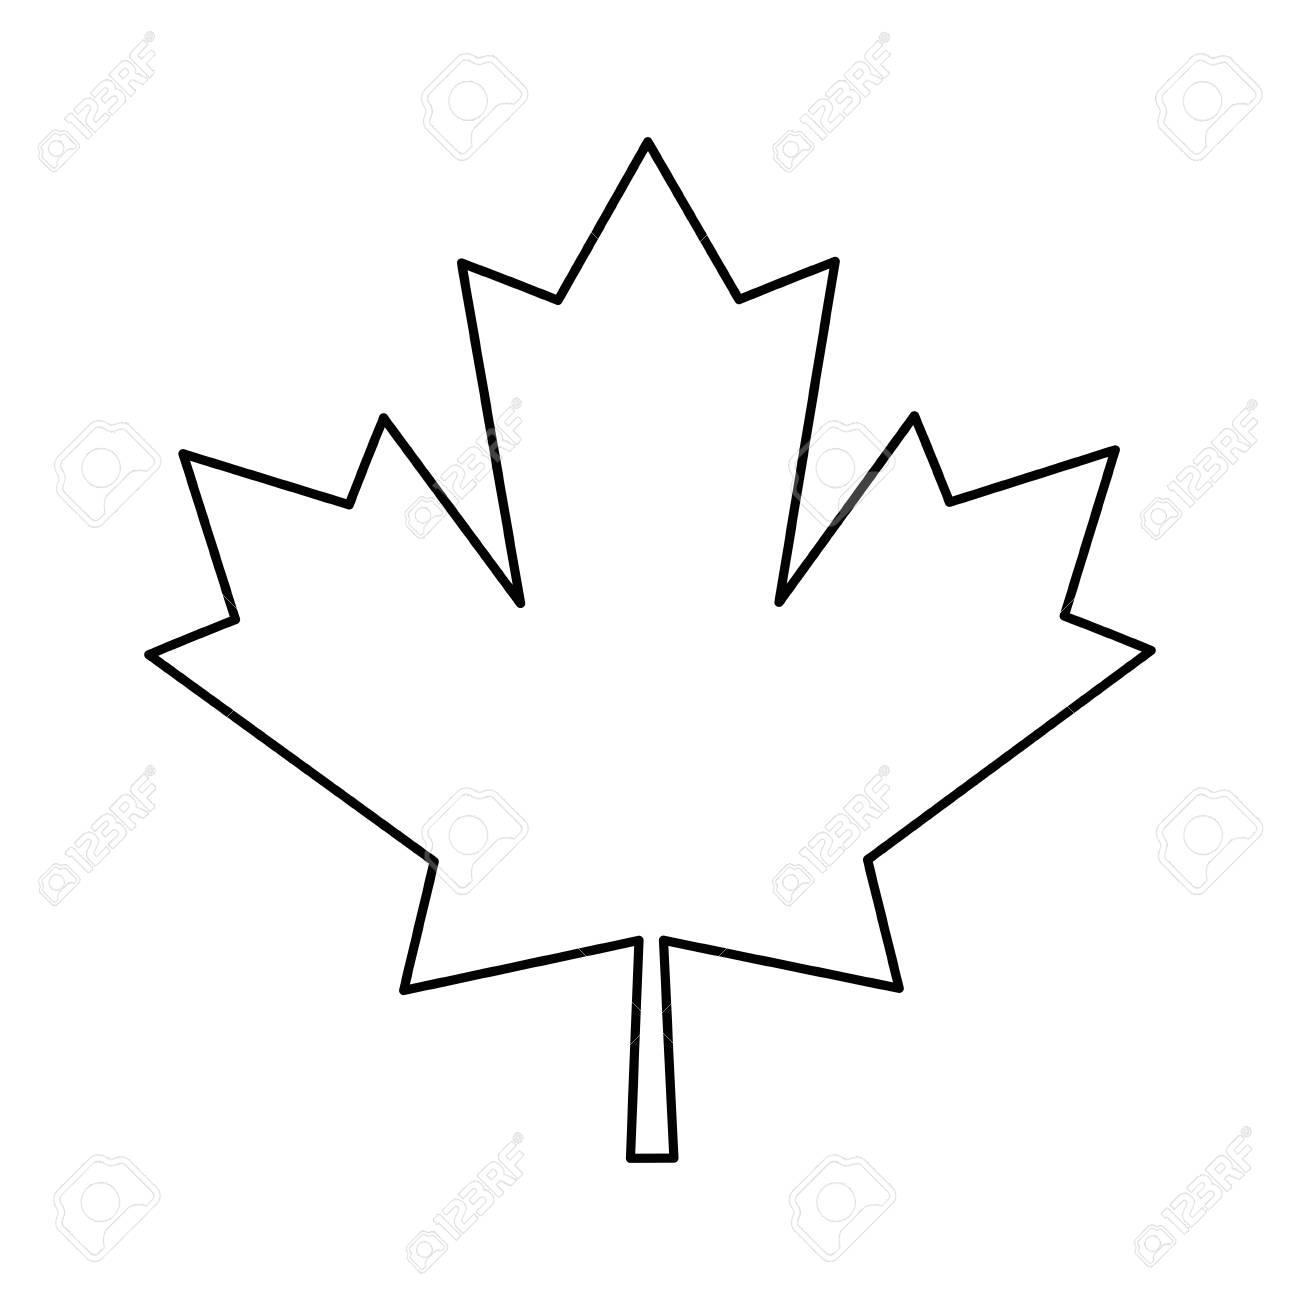 maple leaf green sign canadian outline vector illustration eps...